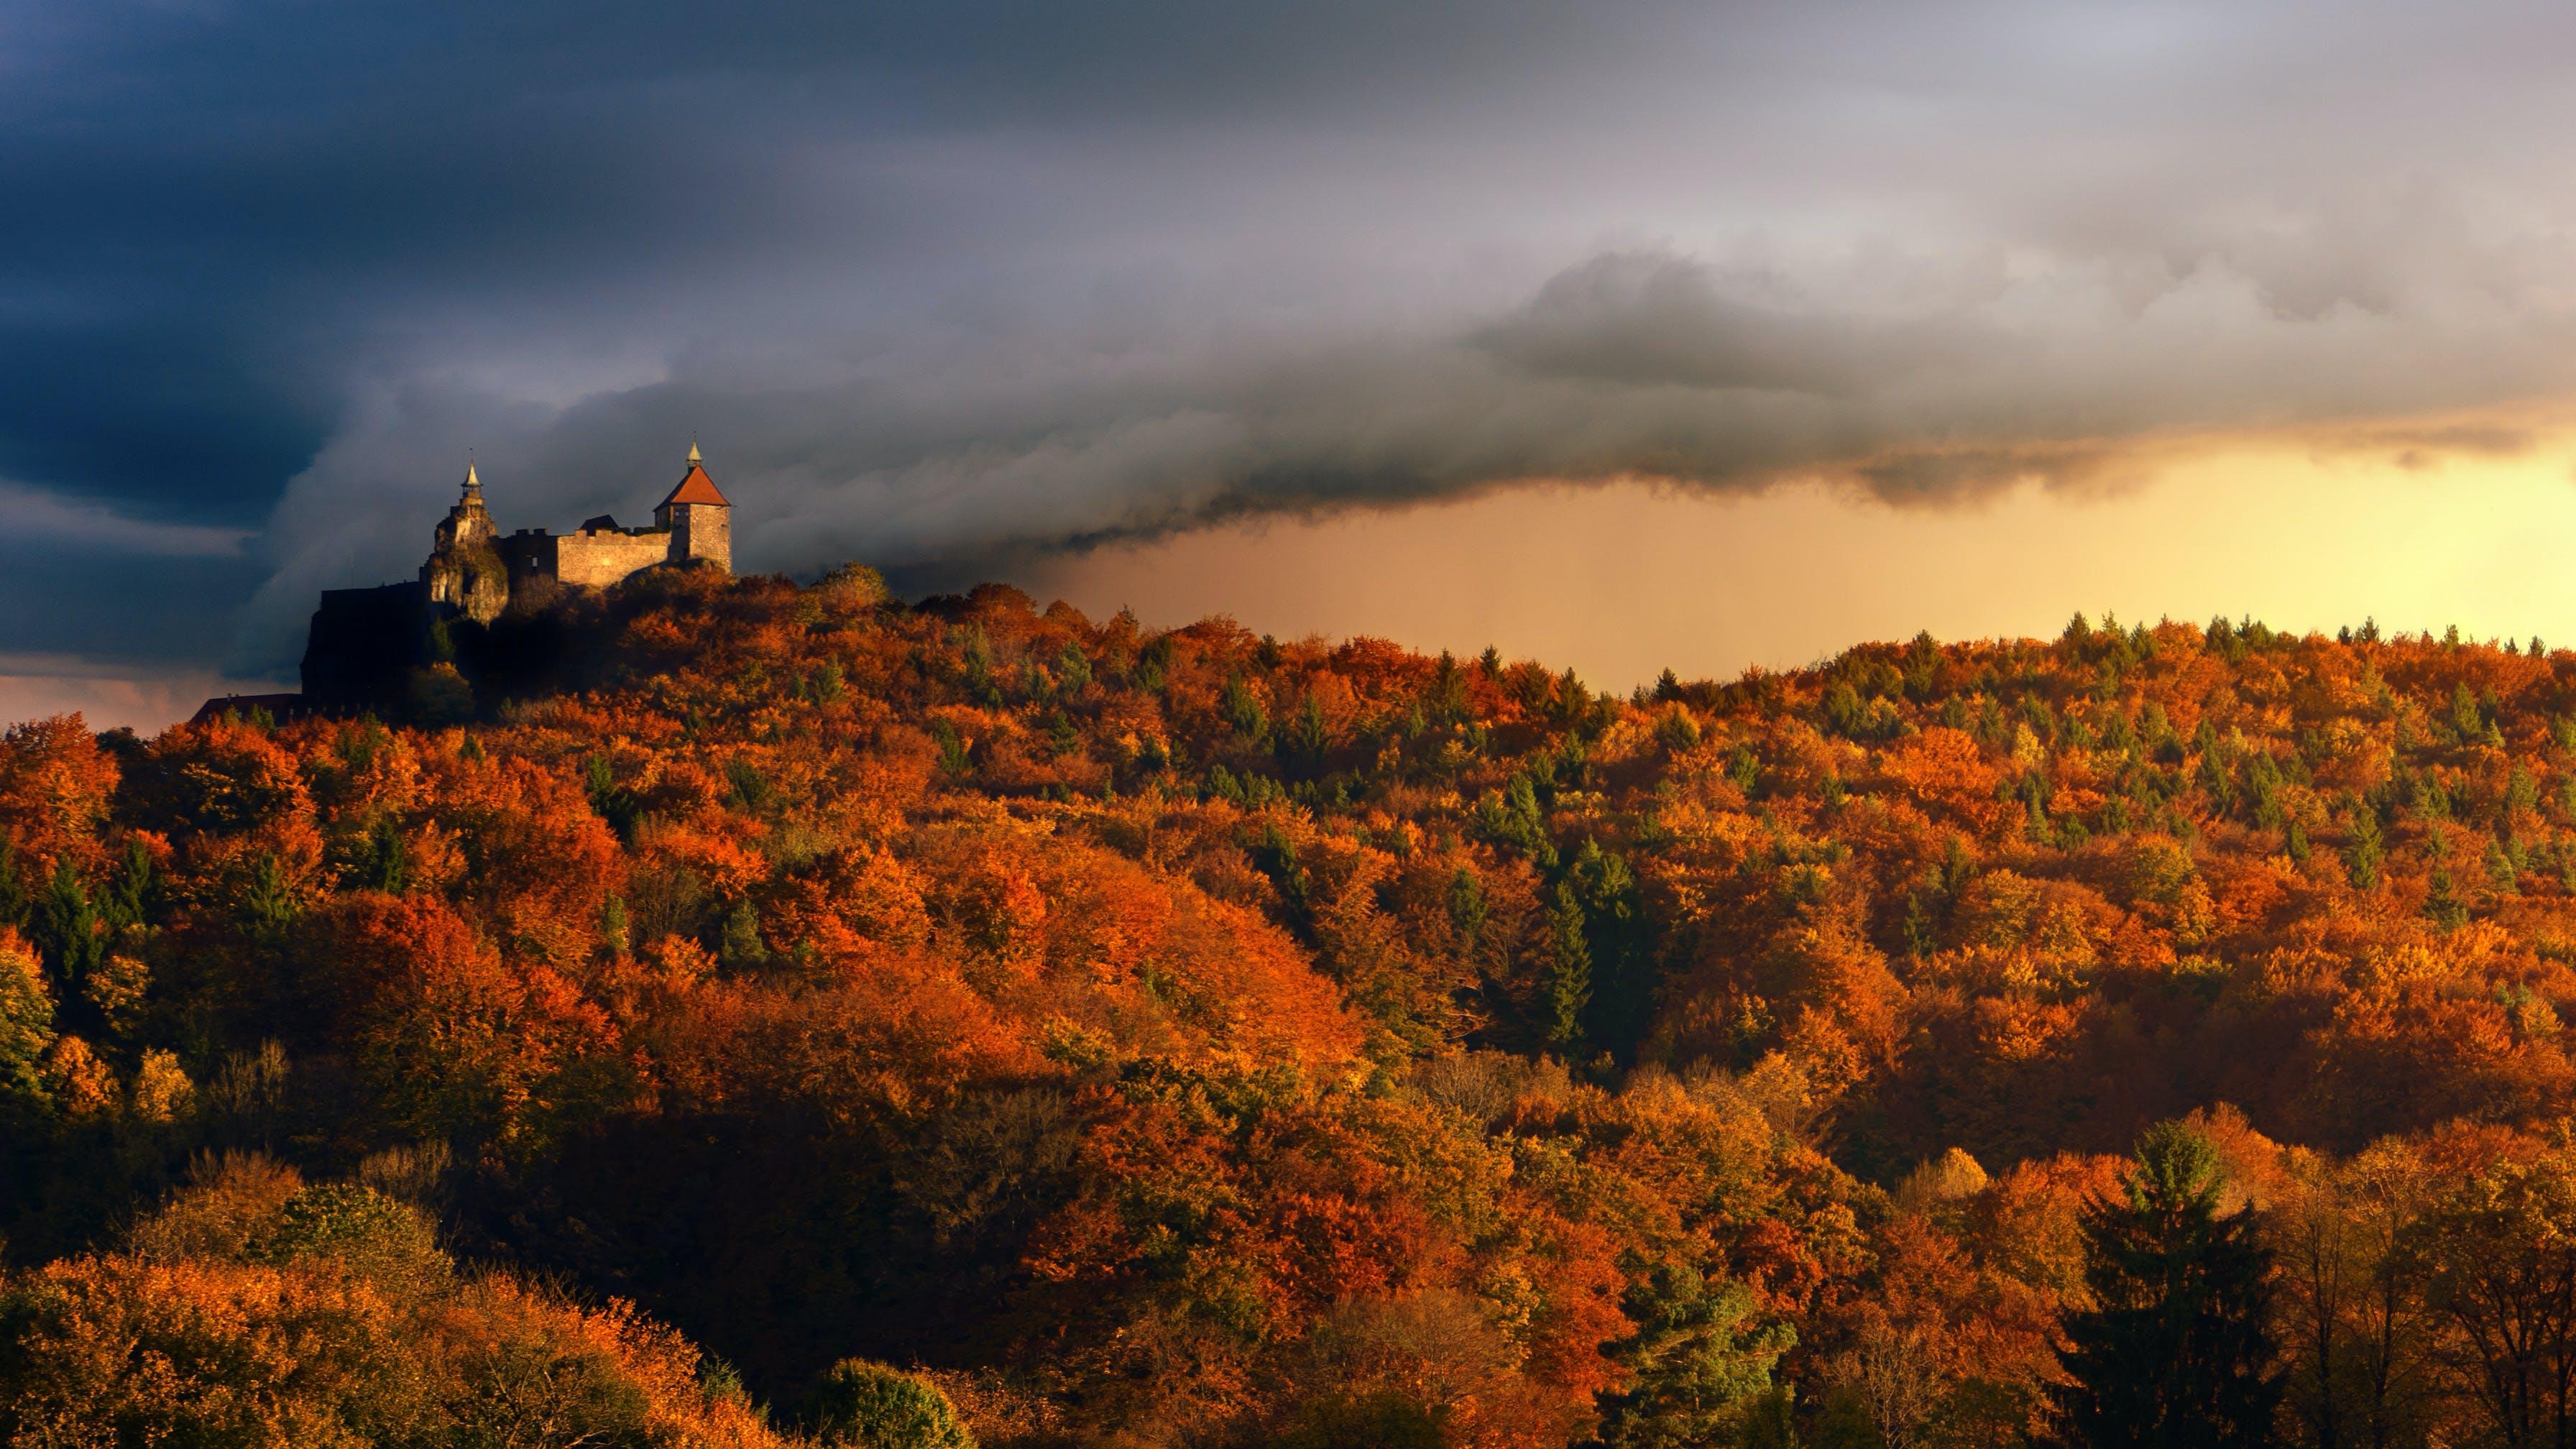 Gratis lagerfoto af borg, morgengry, træer